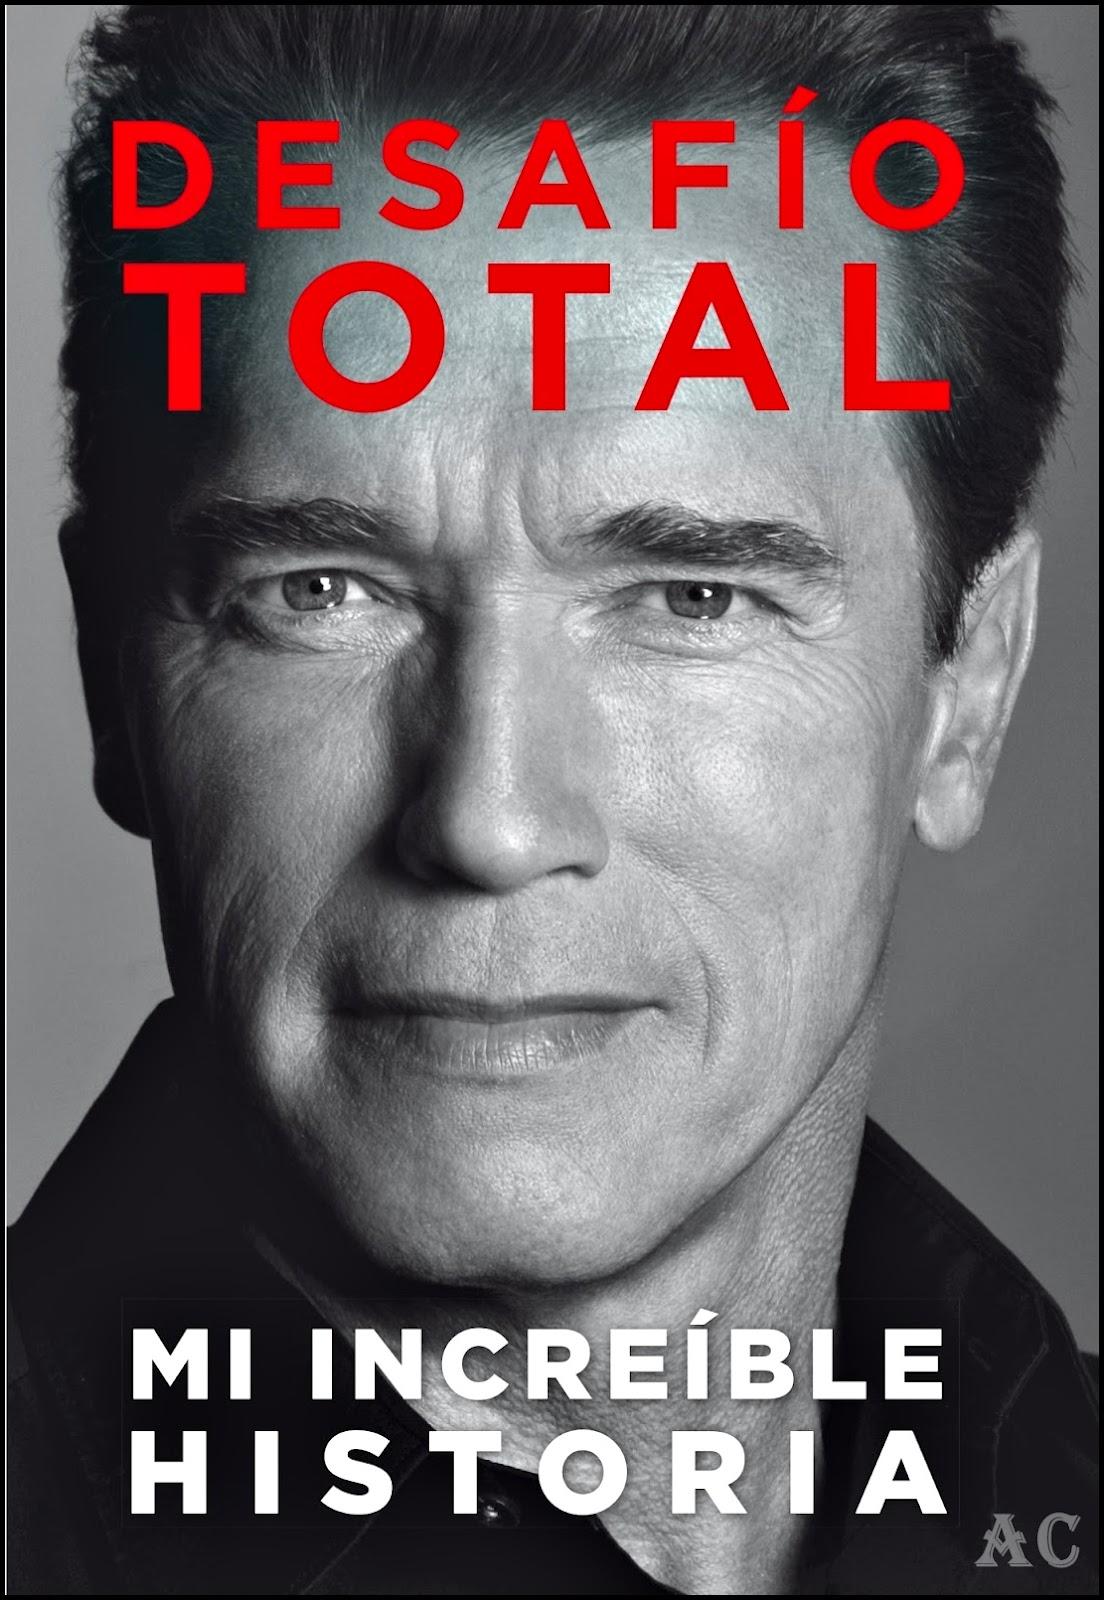 http://3.bp.blogspot.com/-f8lV6Dc1kEM/UGtnfhpBs1I/AAAAAAAAfP4/XT3B4J0784E/s1600/Arnold-Schwarzenegger-desafio-total.jpg